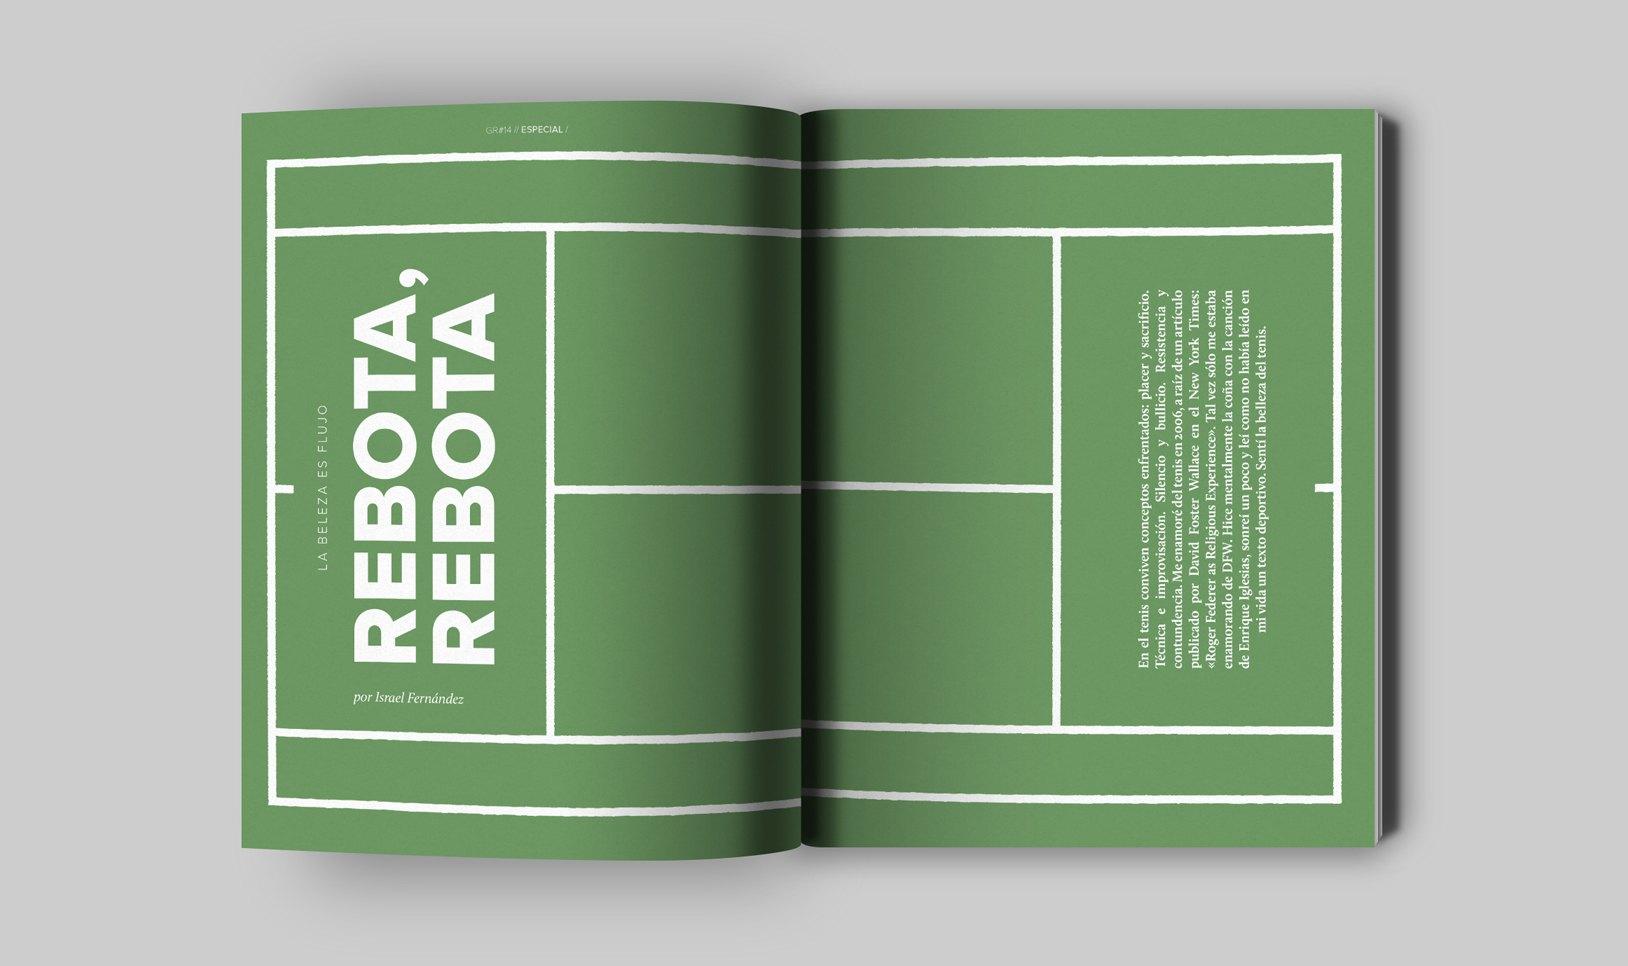 Tenis - GameReport #14